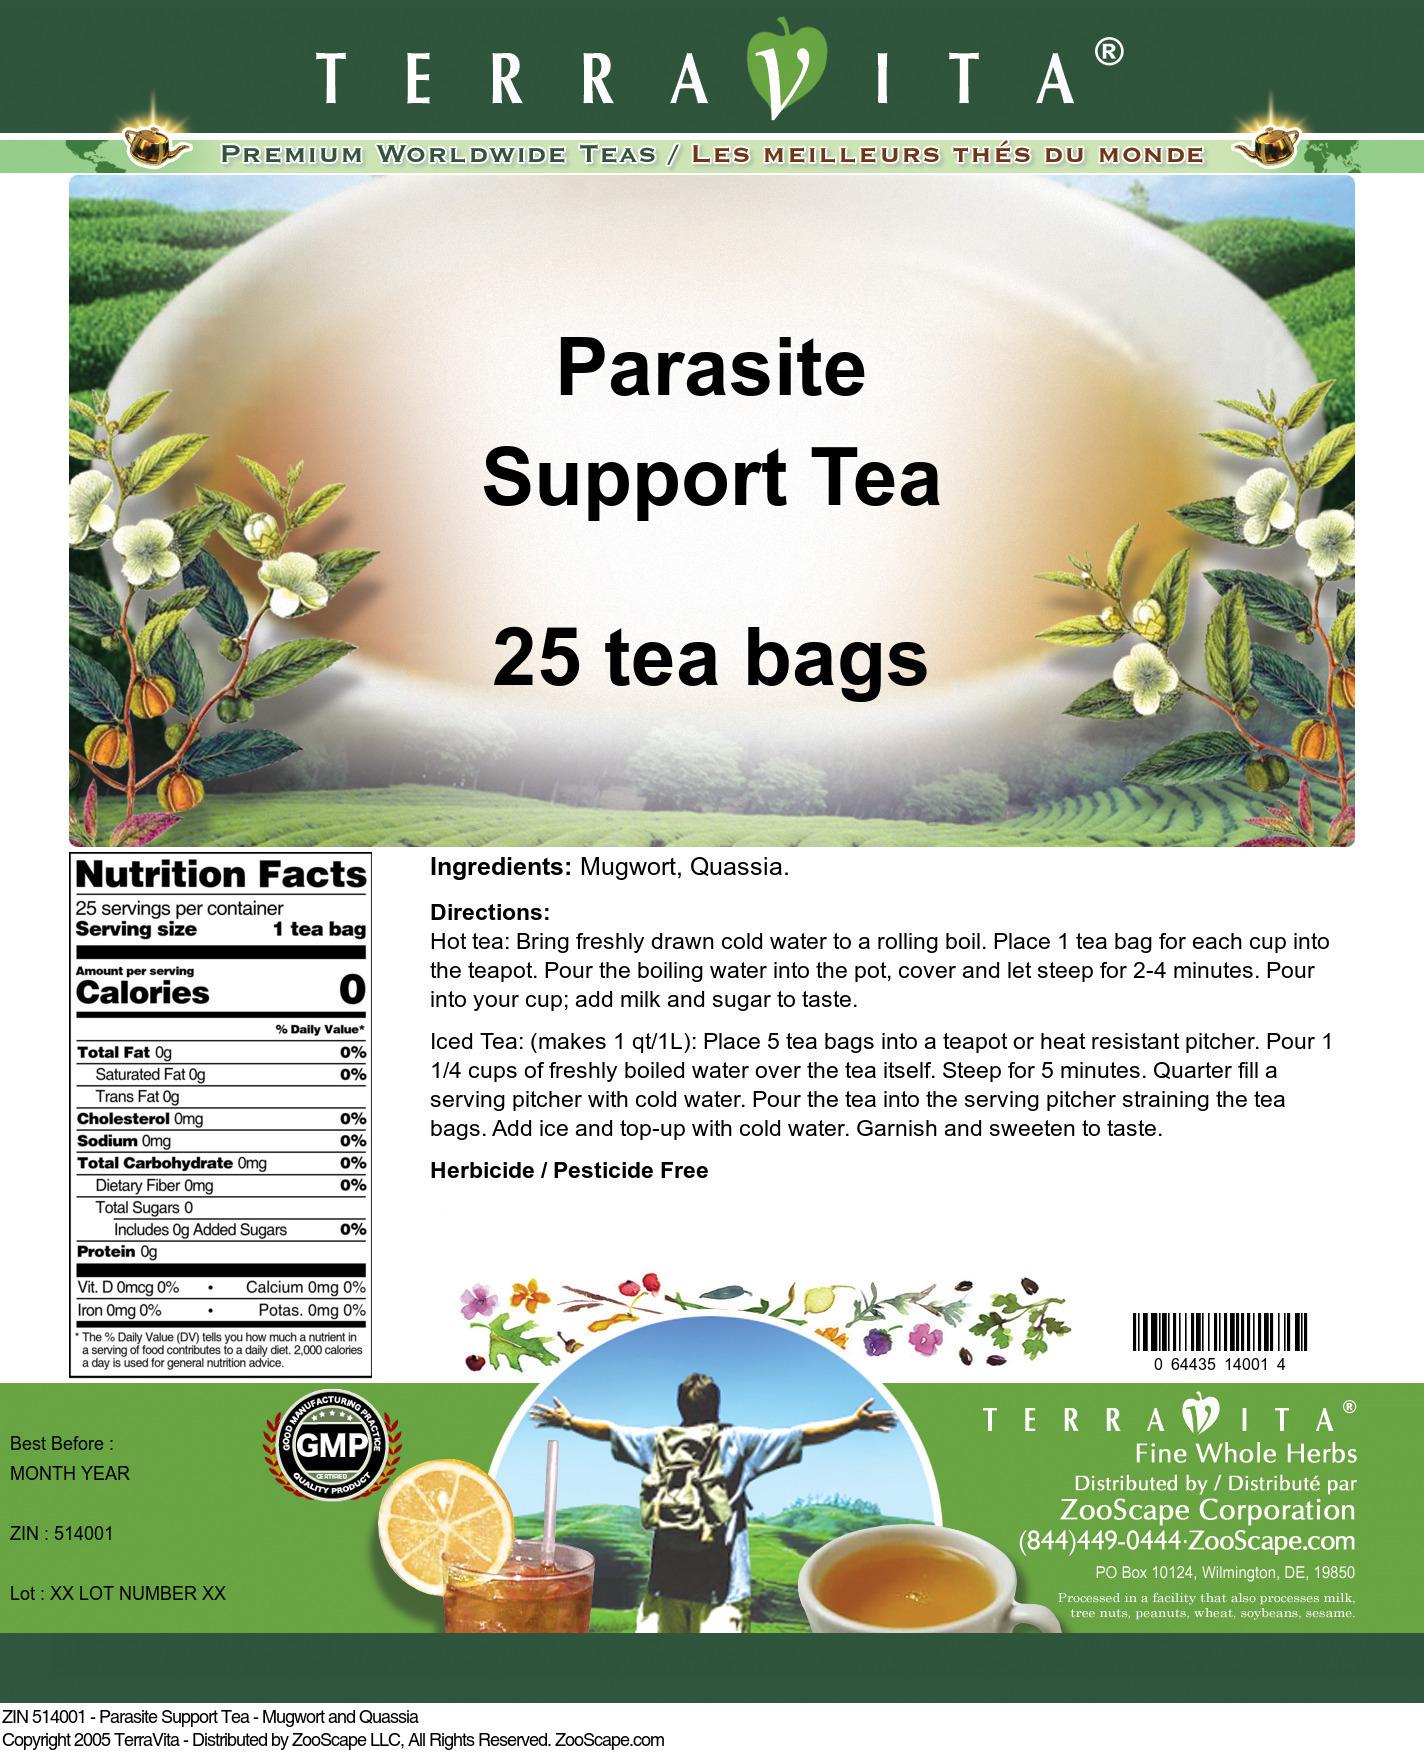 Parasite Support Tea - Mugwort and Quassia